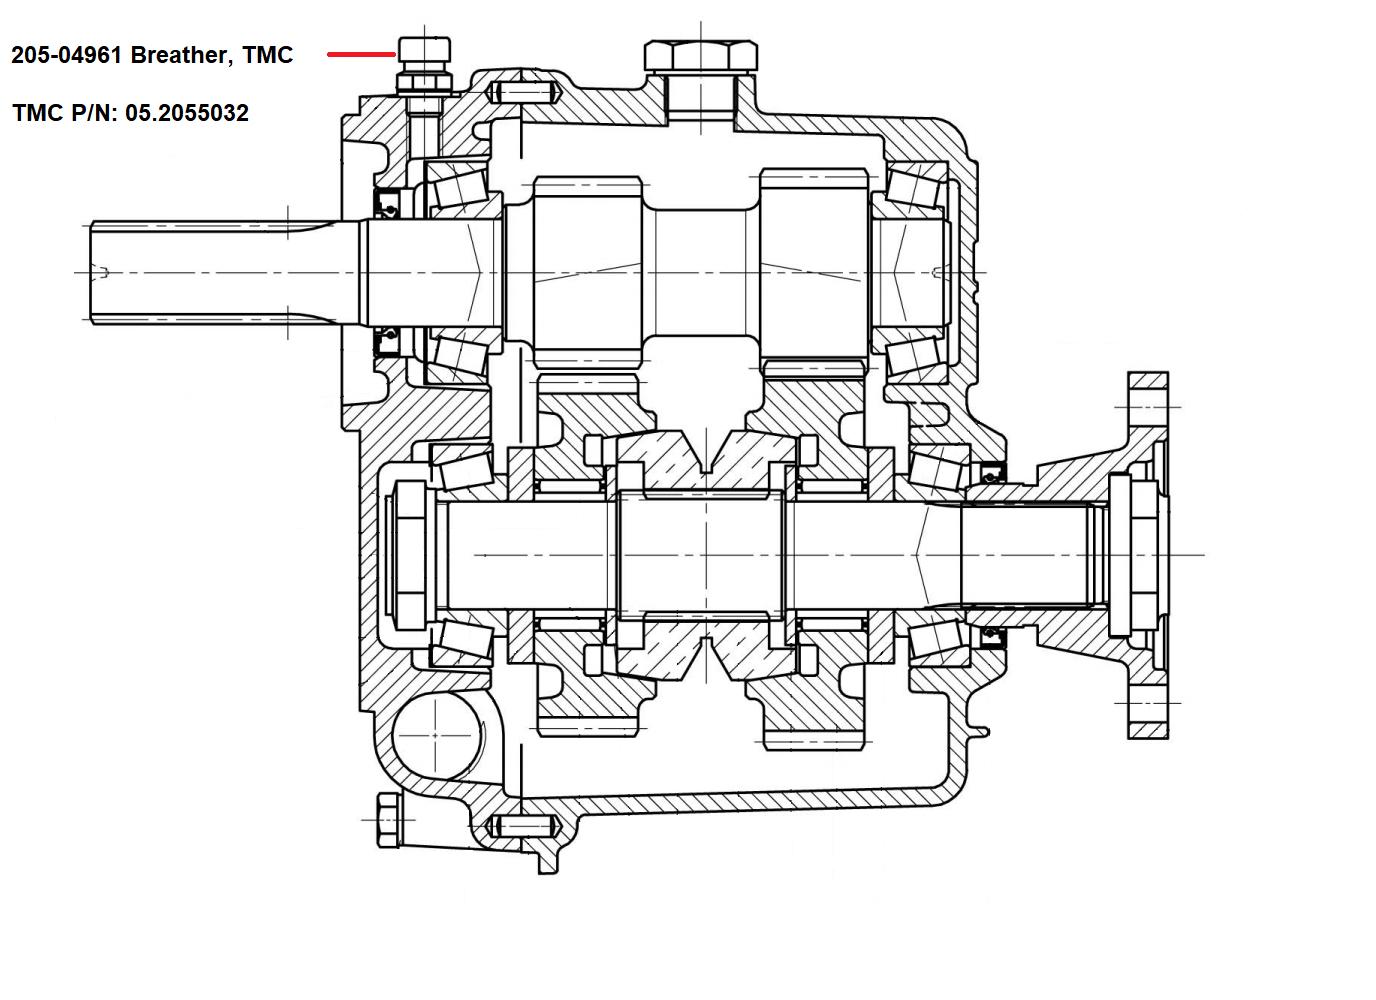 Breather, TMC Transmissions, TMC 40 / TMC 60 / TMC 260